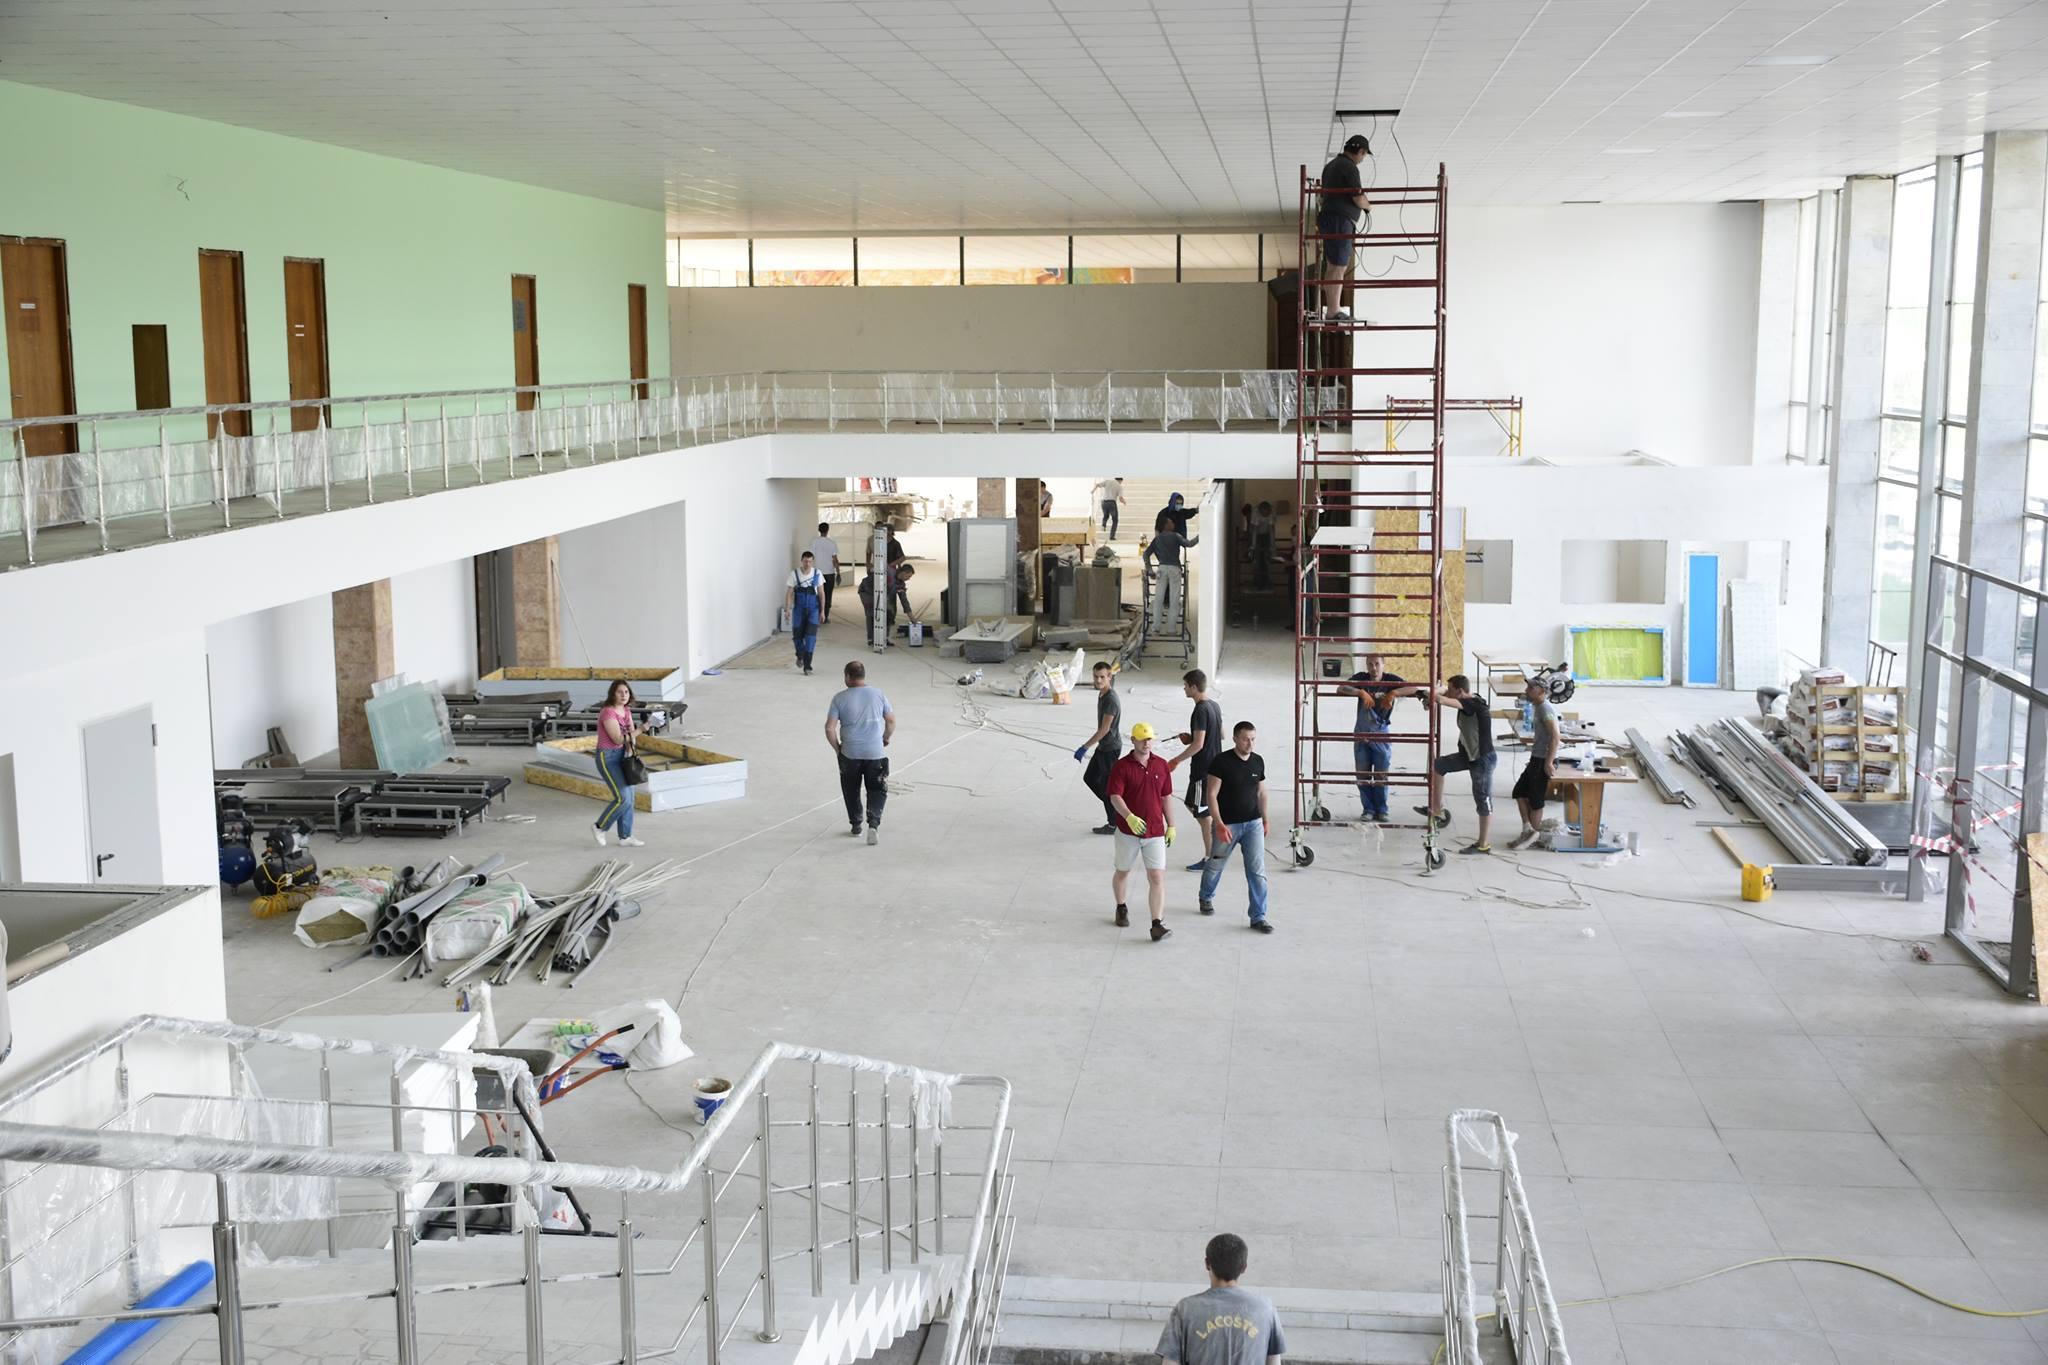 Строительные работы в терминале аэропорта Полтава по состоянию на 5 мая 2018 года